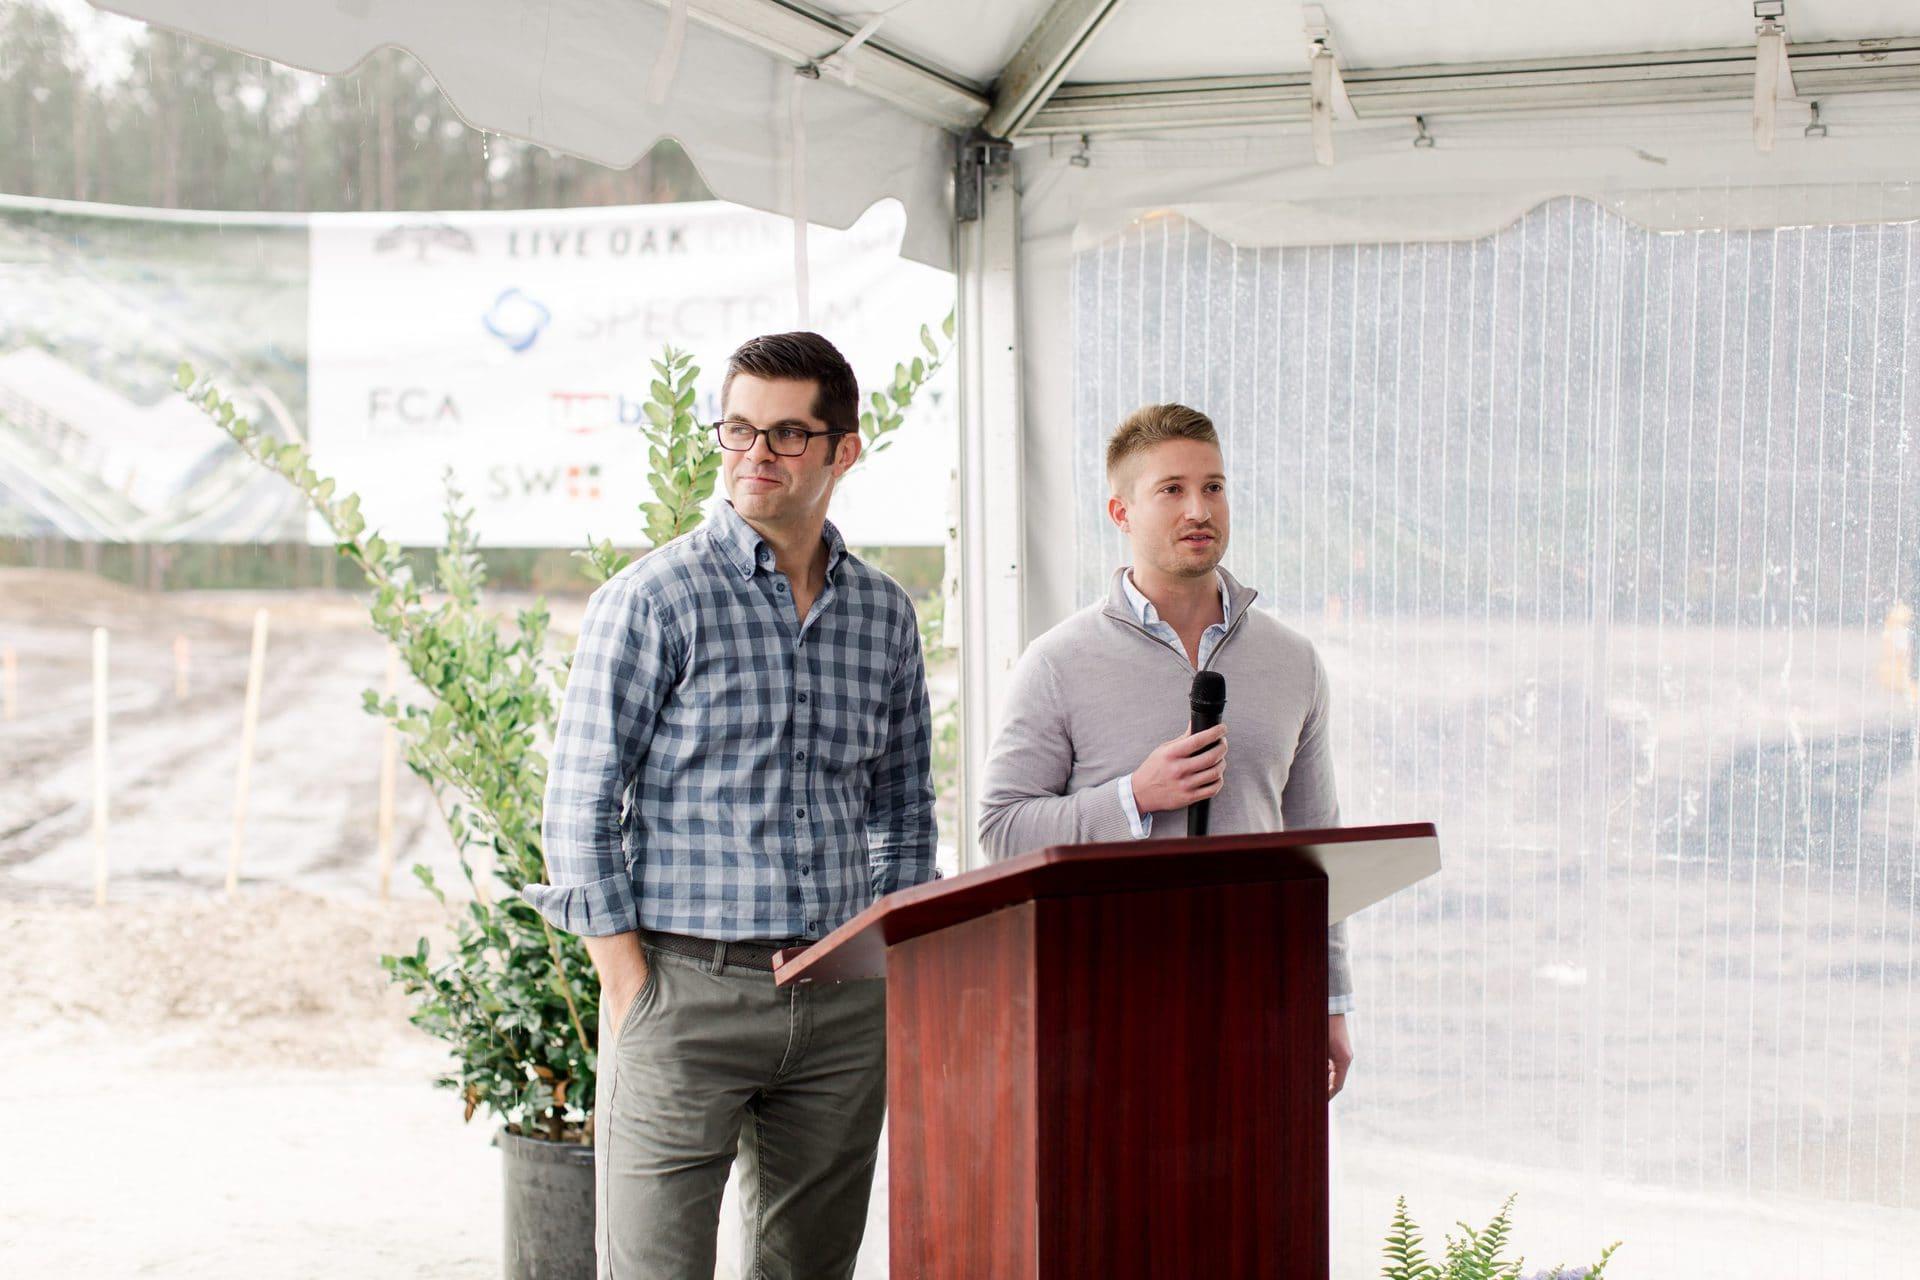 two men speaking at podium